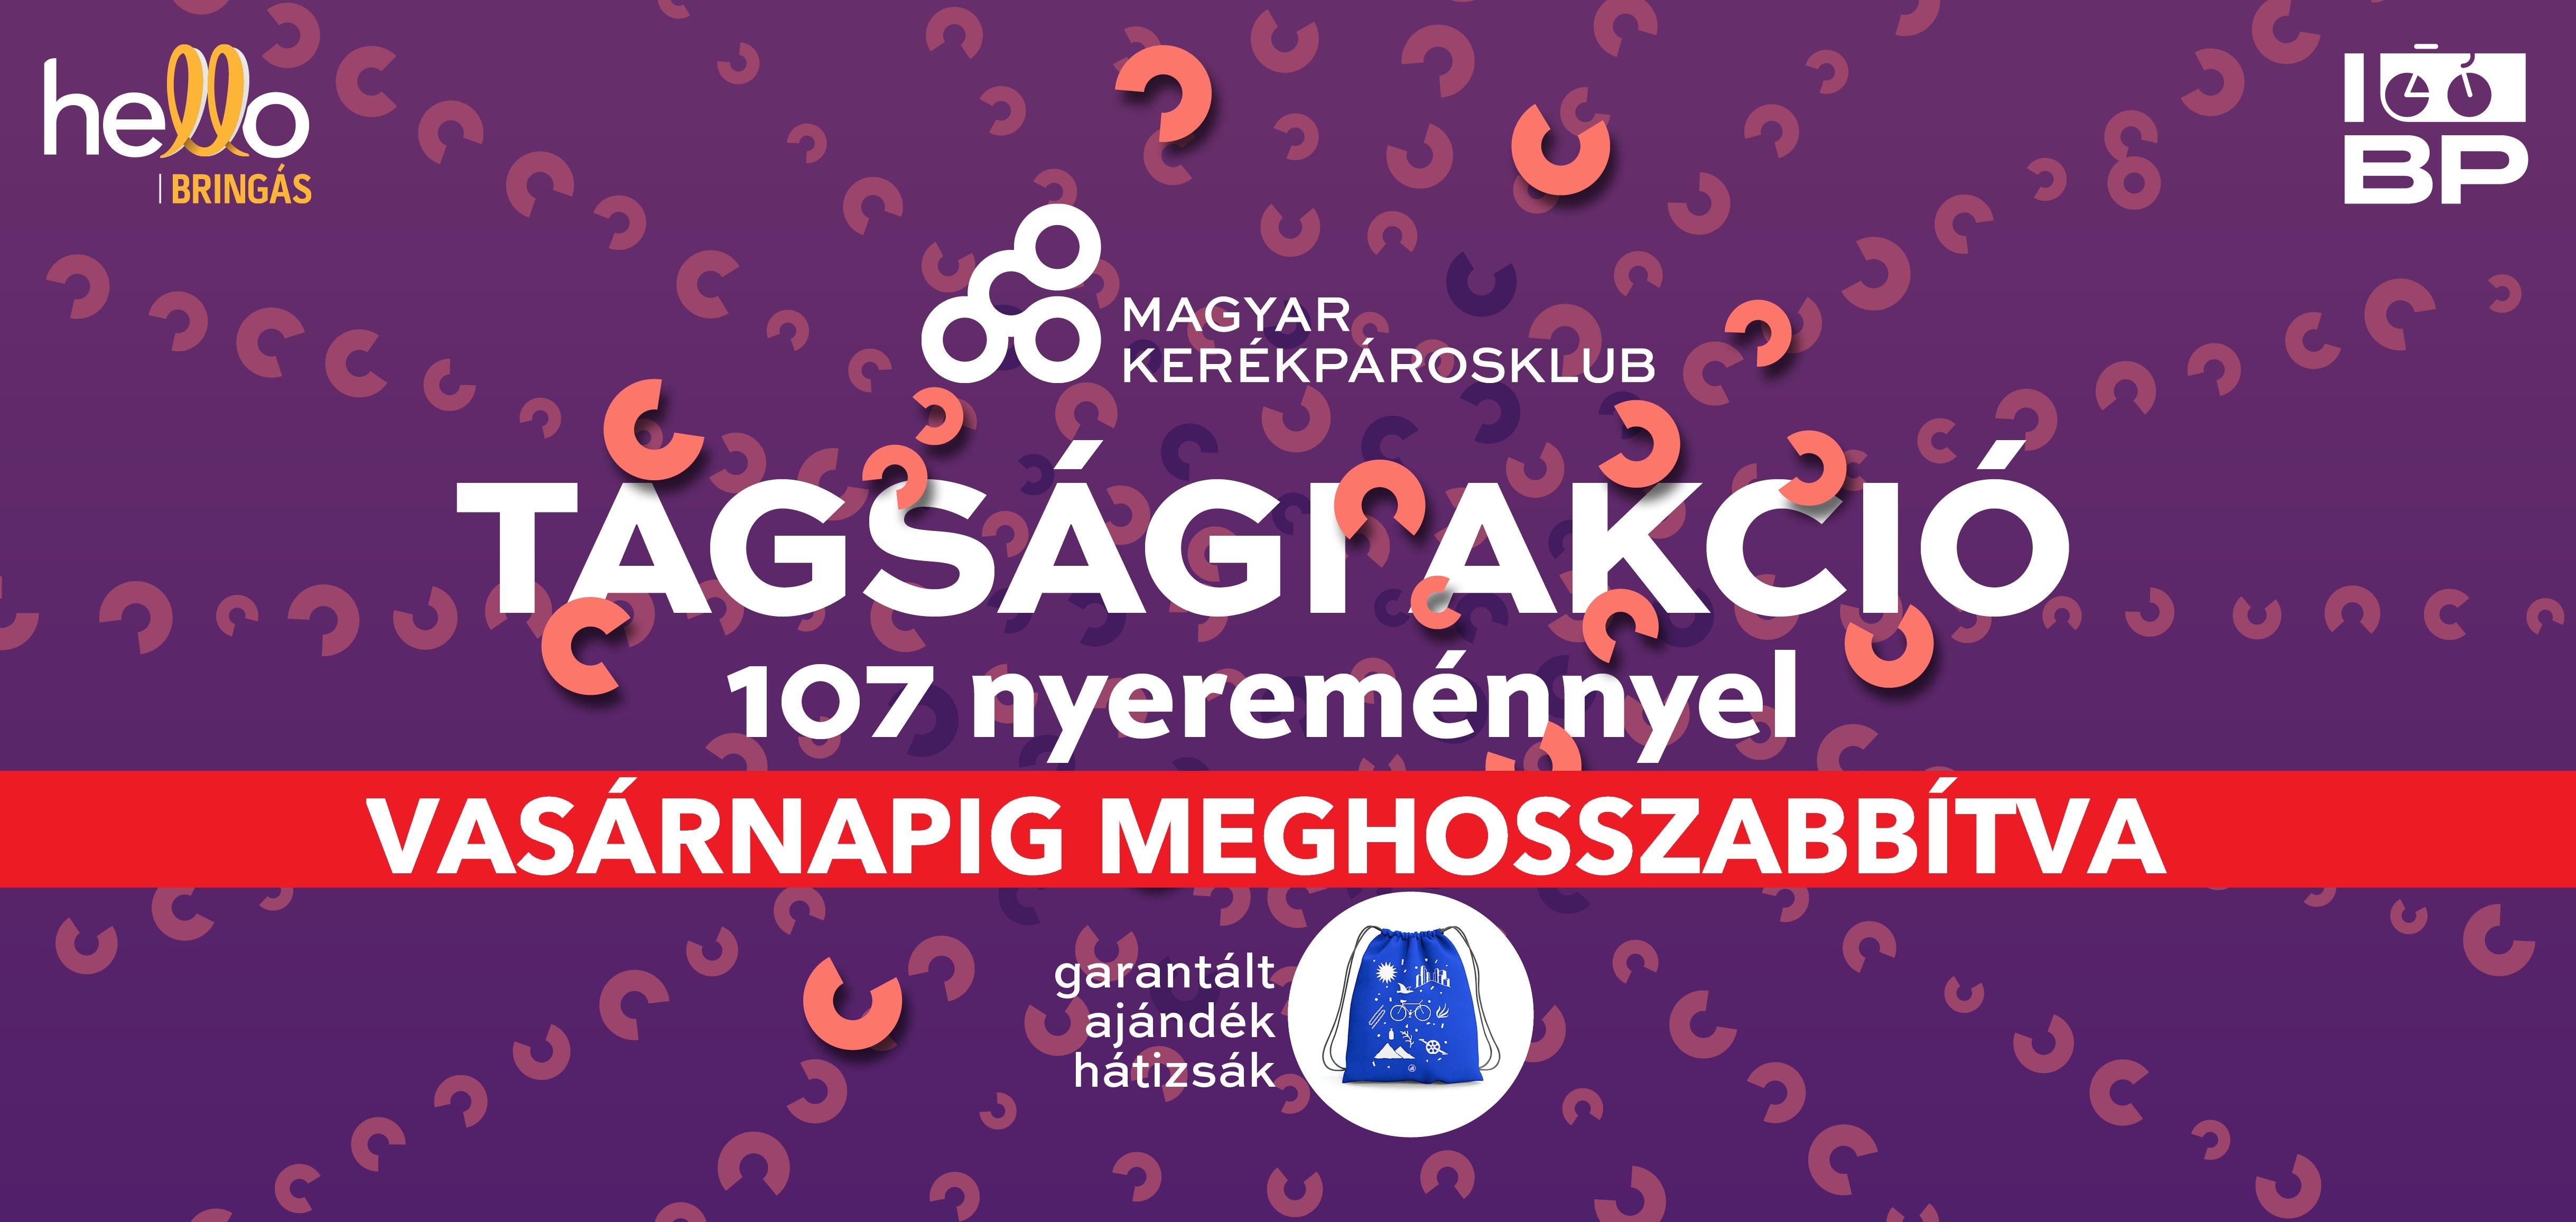 Maradjunk együtt! 107 nyereménnyel, garantált ajándék táskával és megújult felülettel vár a tagsági akciónk